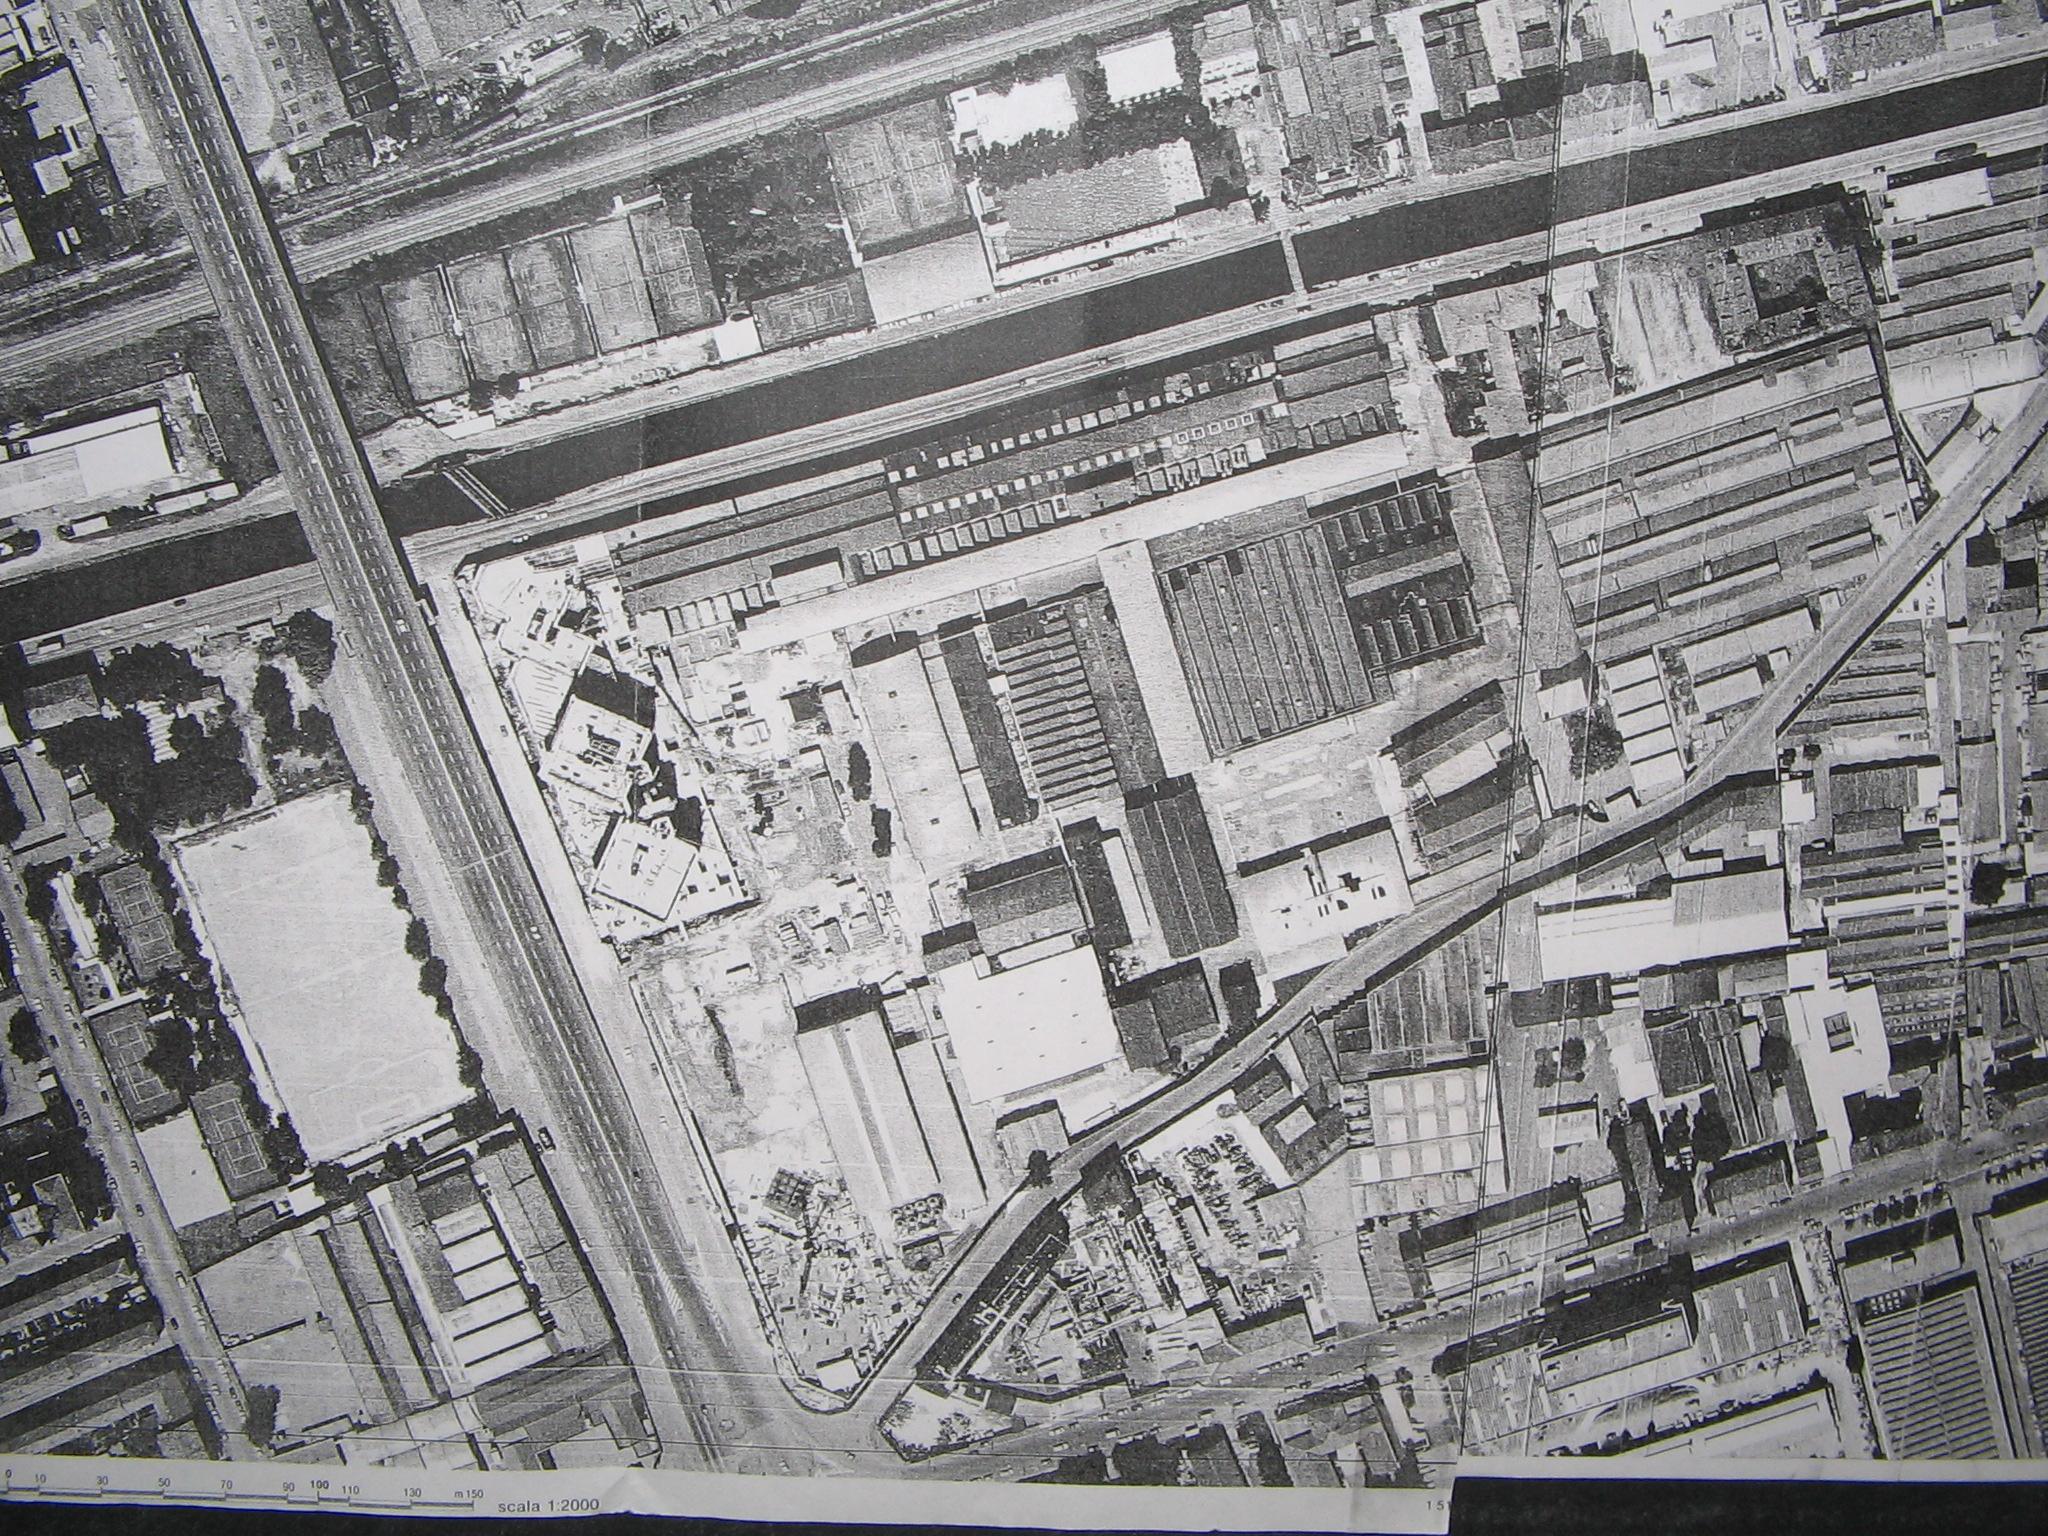 Aerofoto databile intorno al 1985 dove appare la costruenda area uffici di Viale Richard alla Barona e nuovi uffici realizzati in Via Watt 27